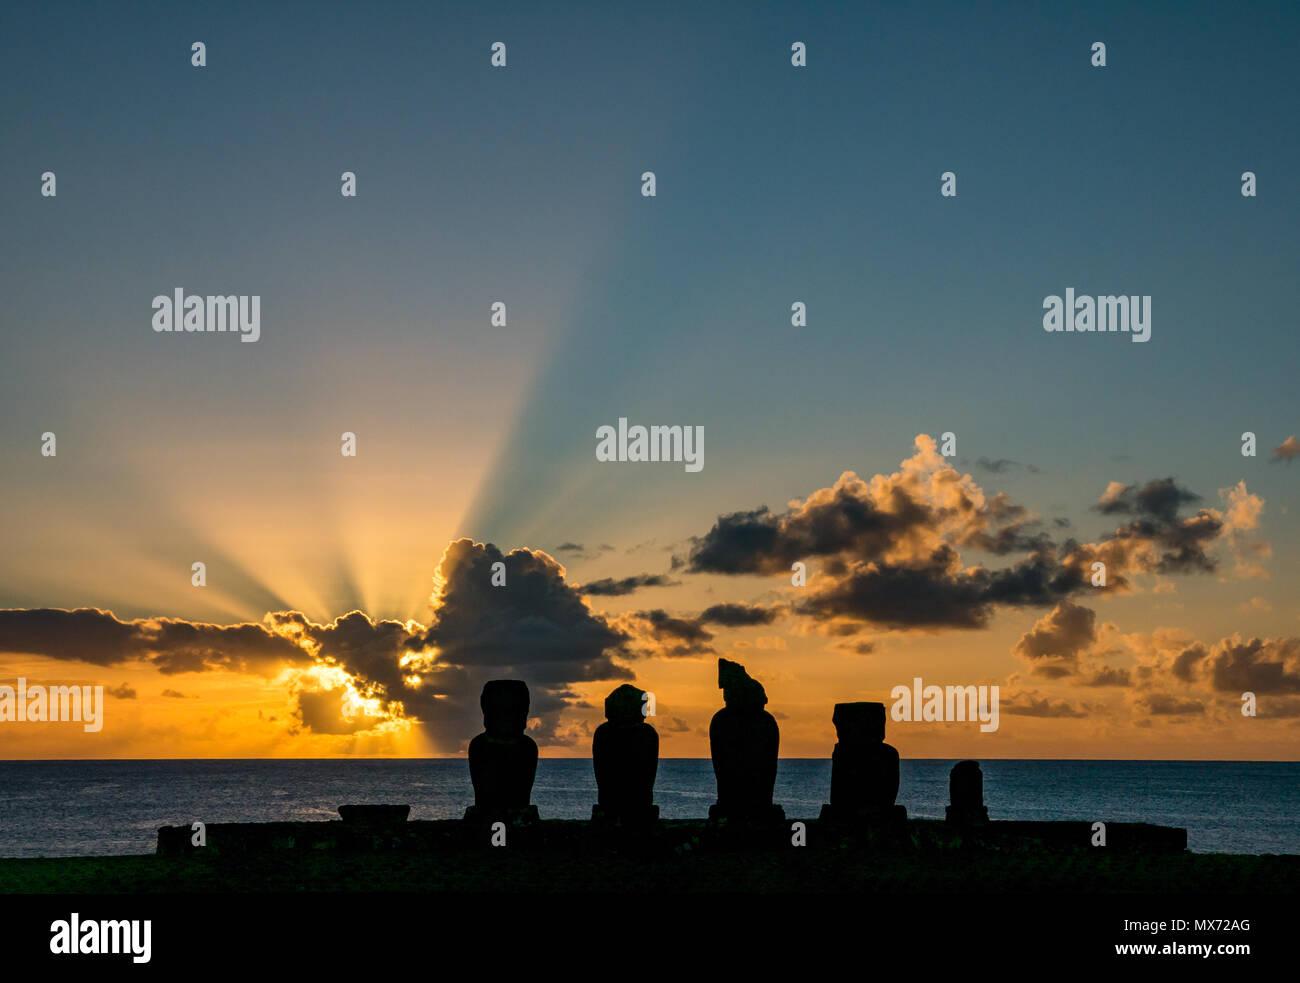 Dramatic colourful orange sunset and sunburst light with Ahu Moai silhouettes, Tahai, Easter Island, Rapa Nui, Chile Stock Photo